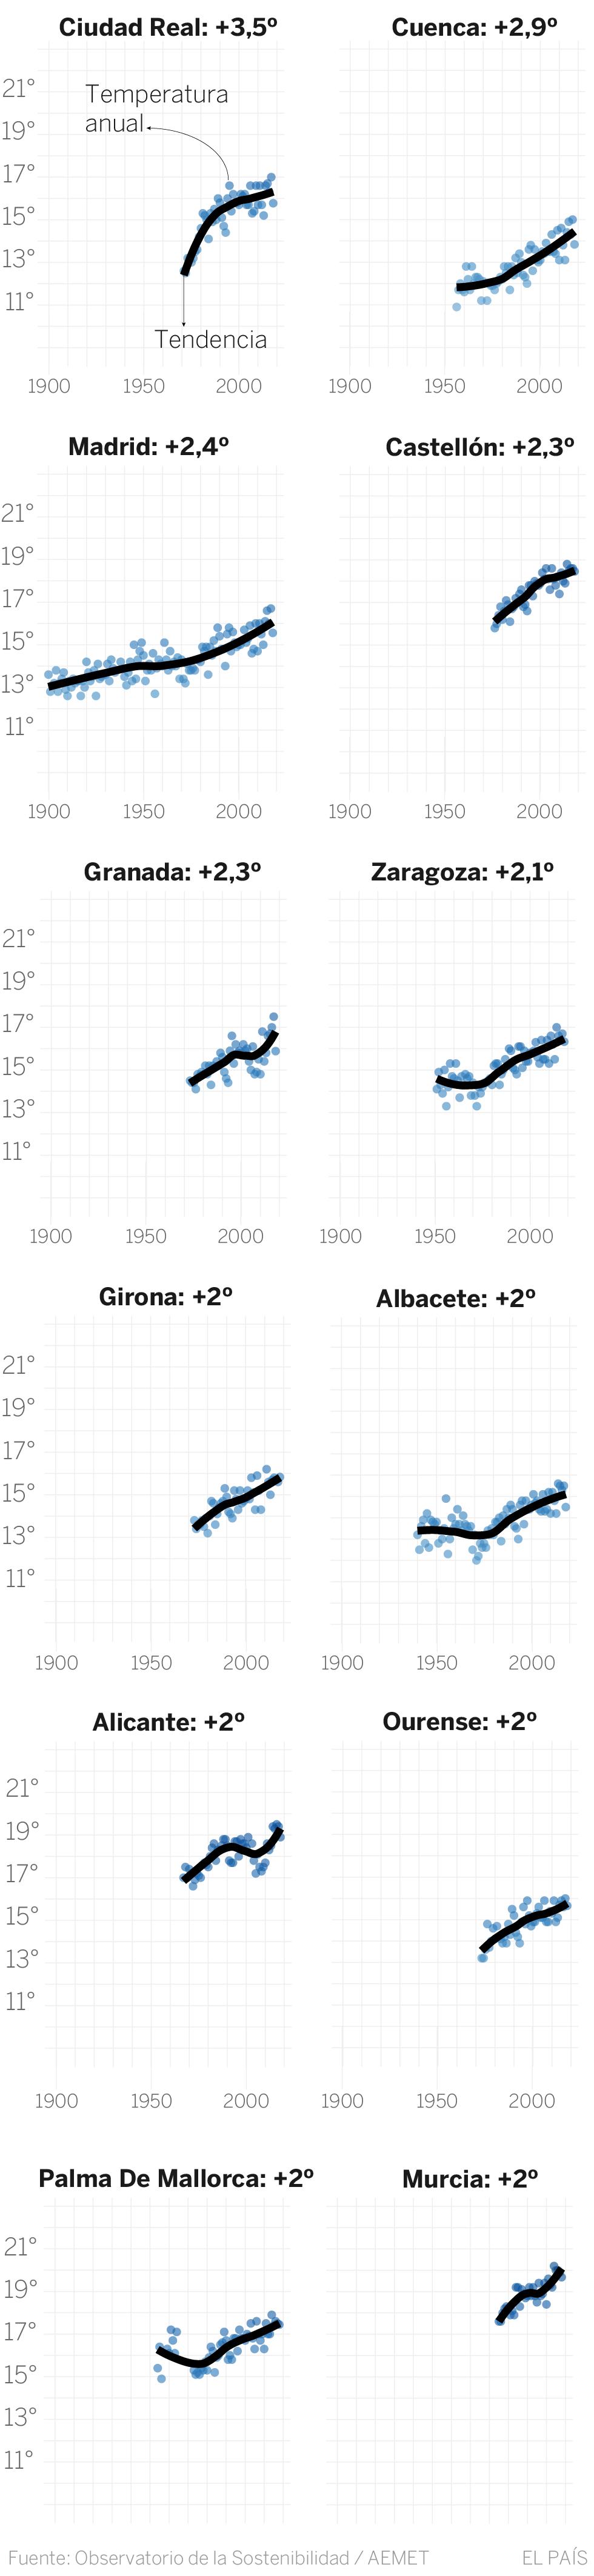 La temperatura en las ciudades españolas ha subido el doble que la media mundial en 50 años